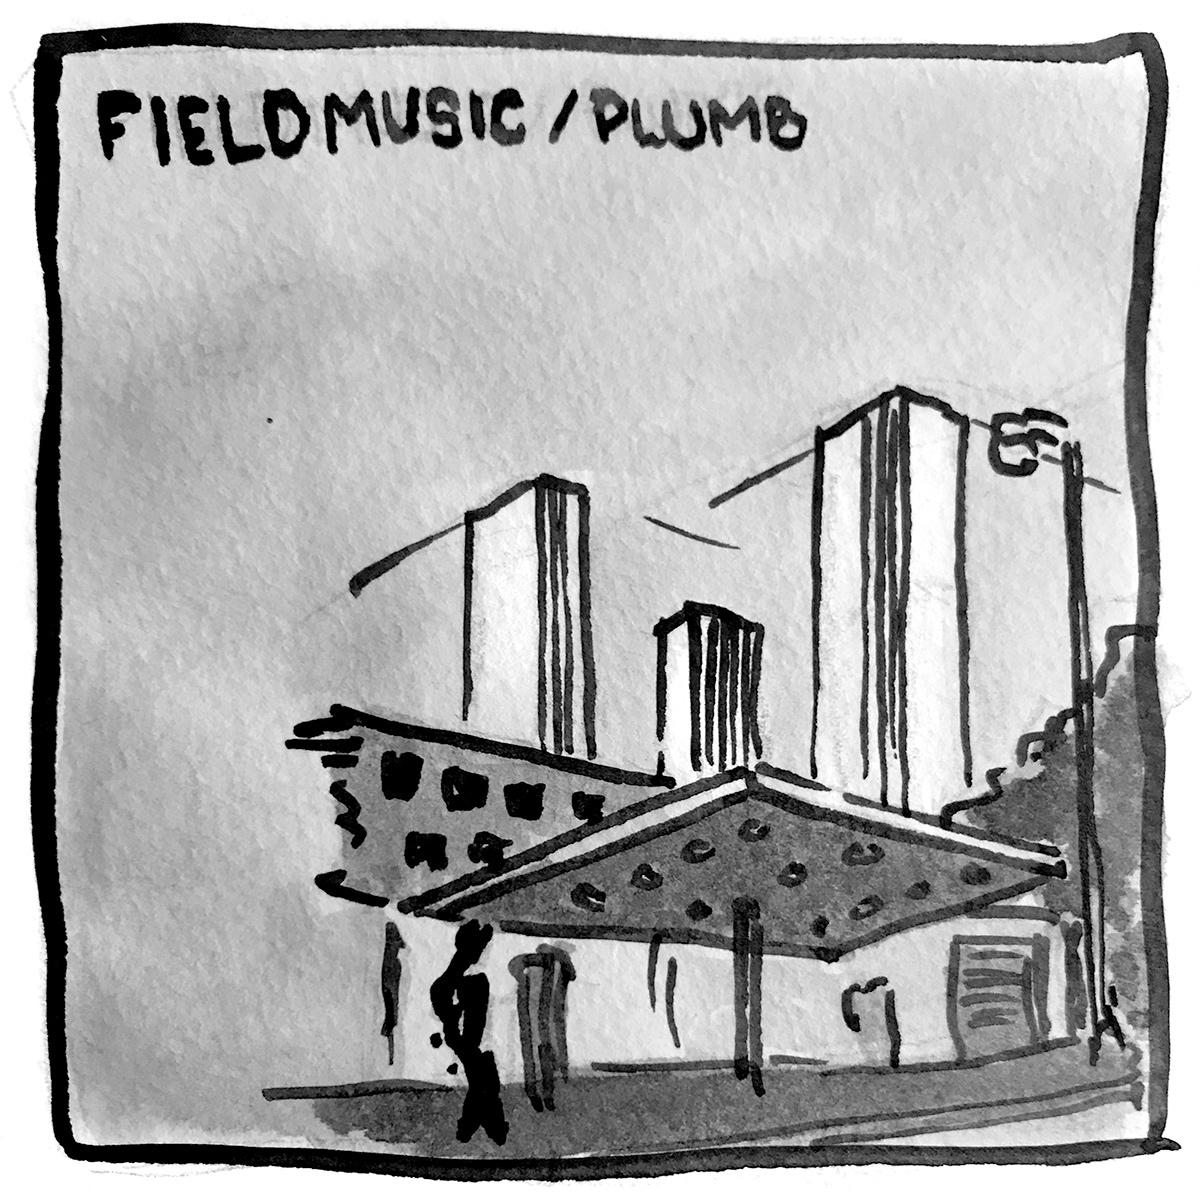 fieldMusicPlumb.jpg